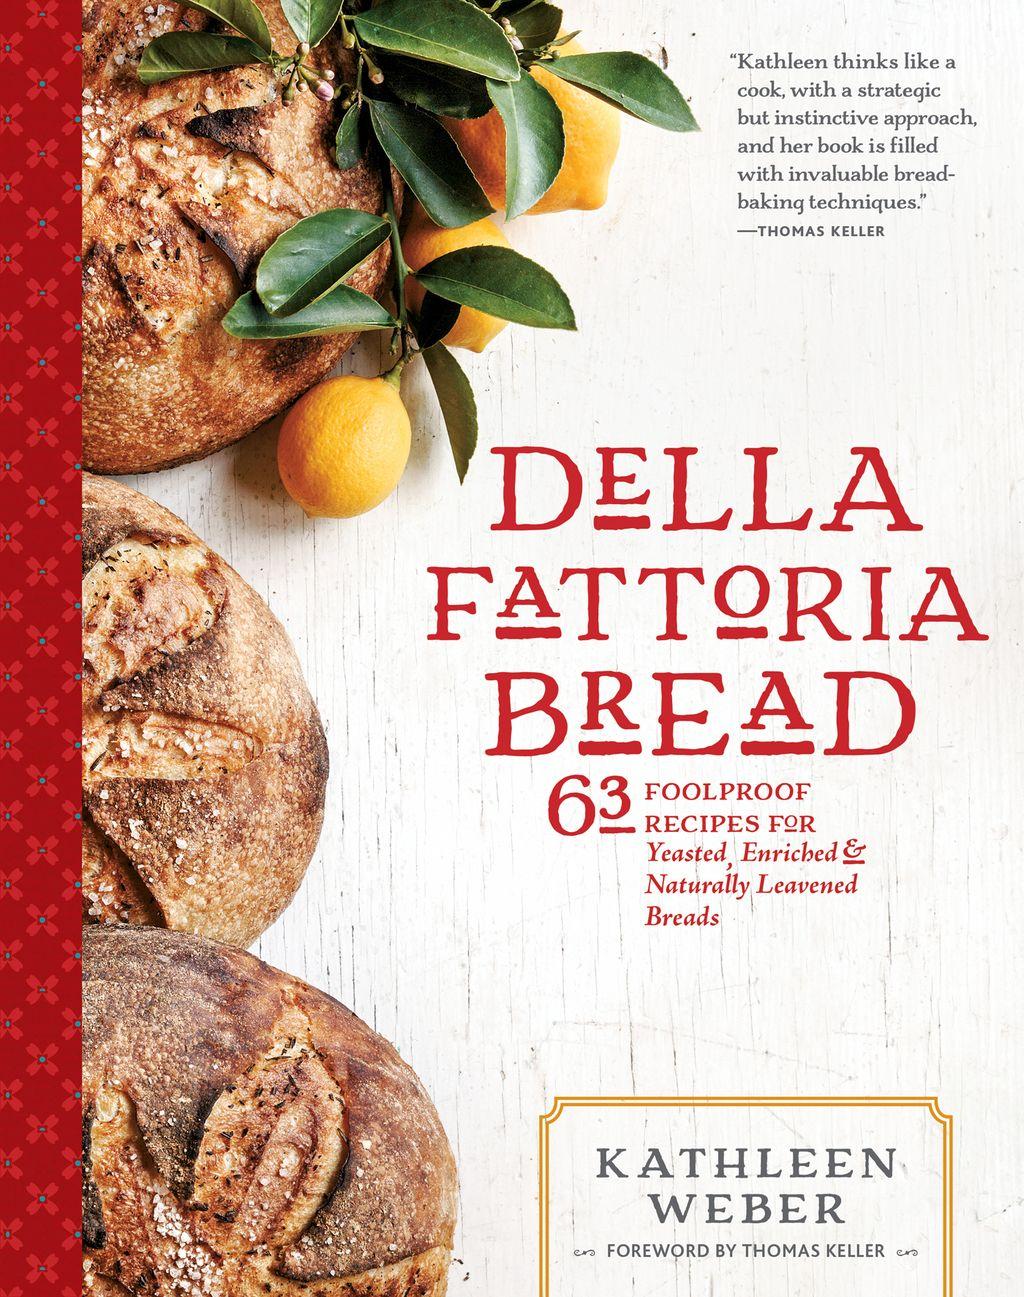 Della fattoria bread ebook new cookbooks food food